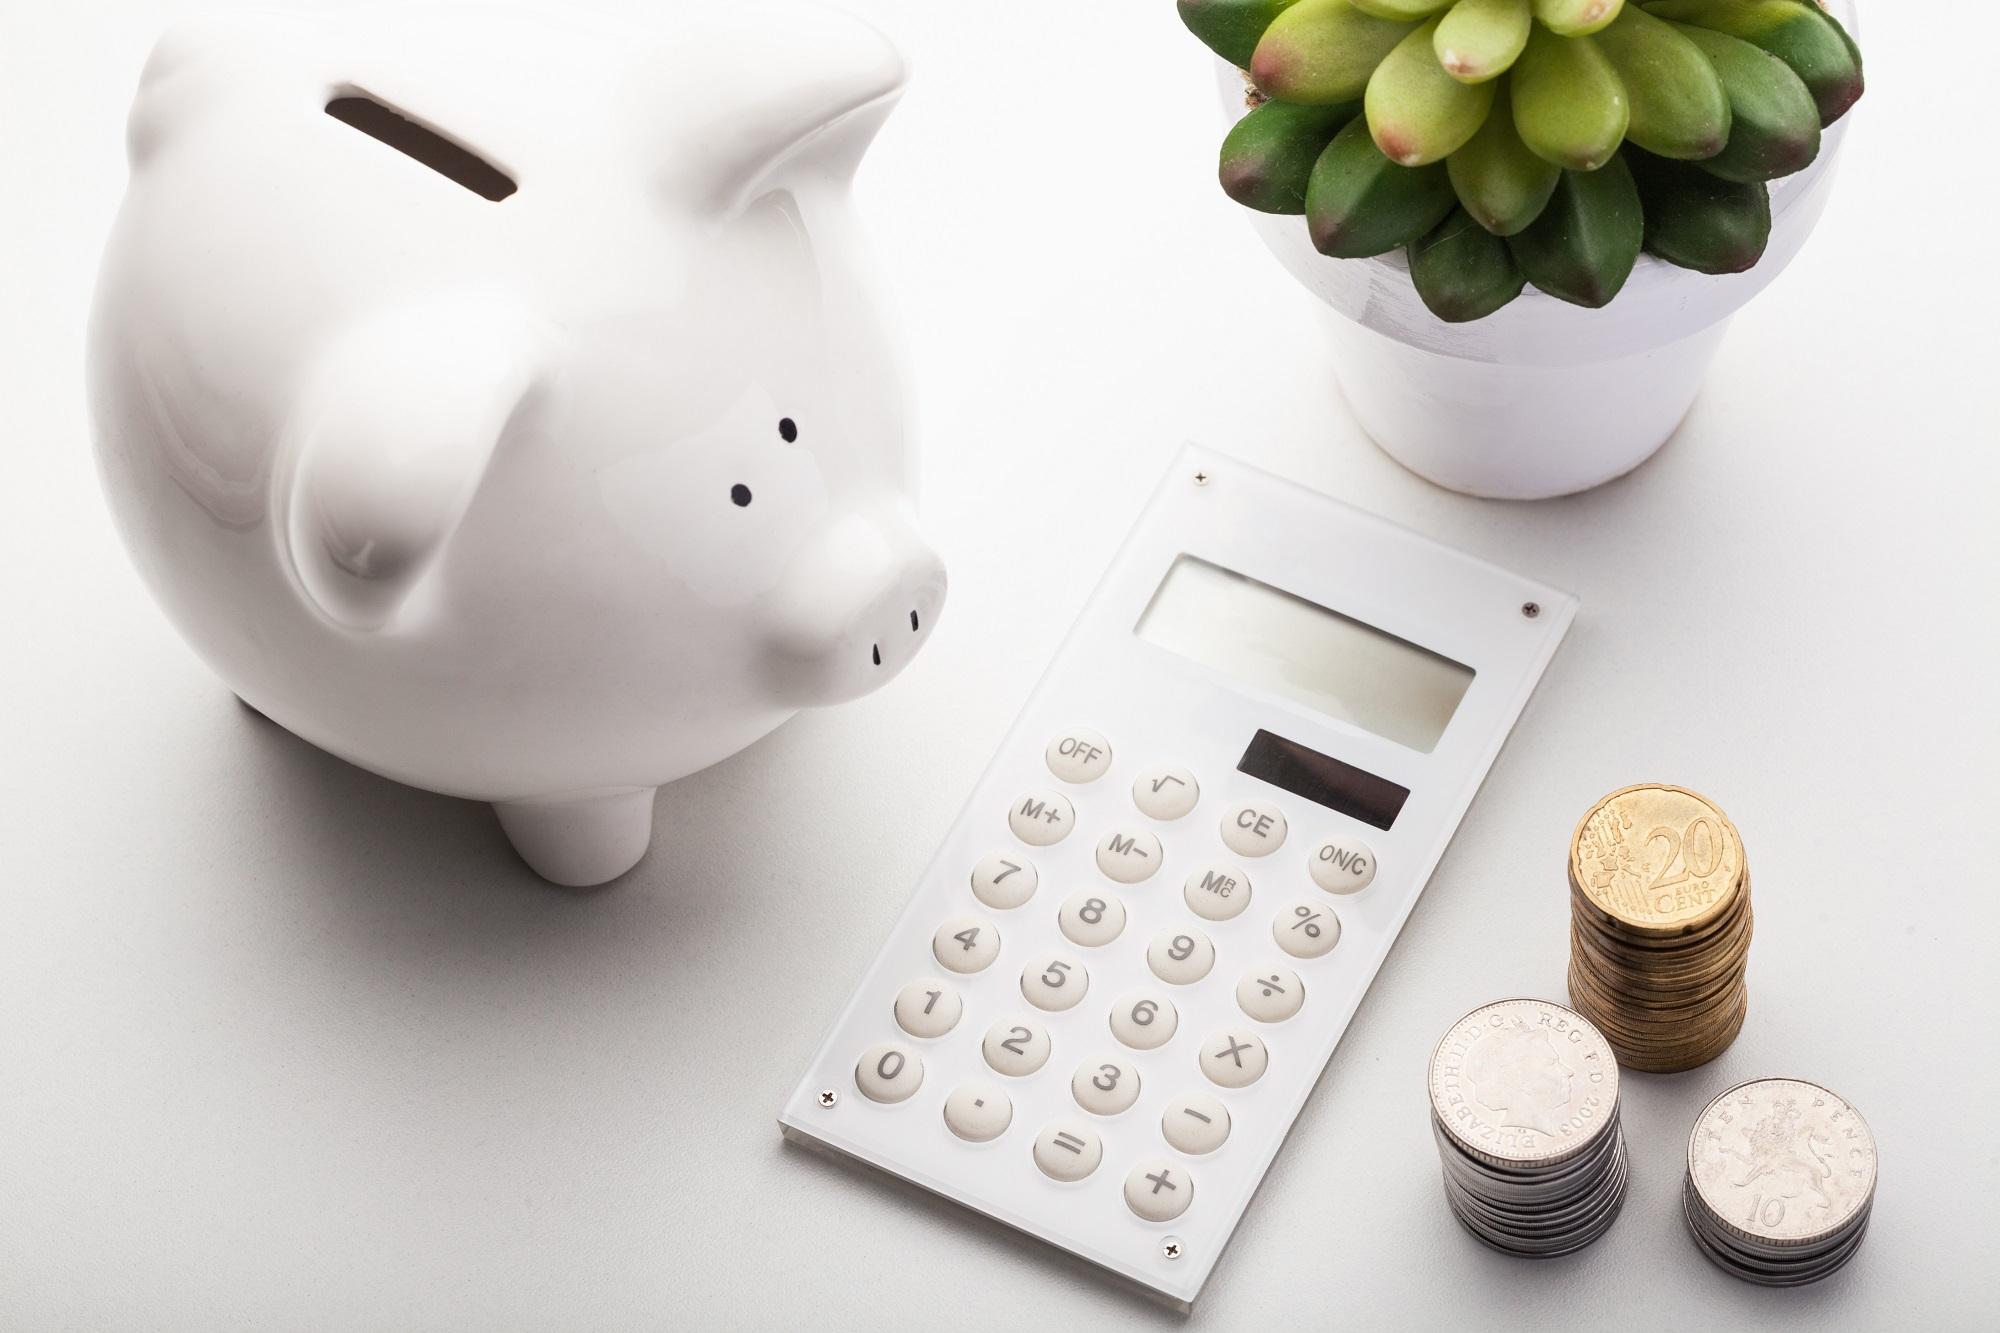 Hypotéky pro OSVČ bývají komplikovanější, s daňovým paušálem jsou aktuálně zcela nedostupné